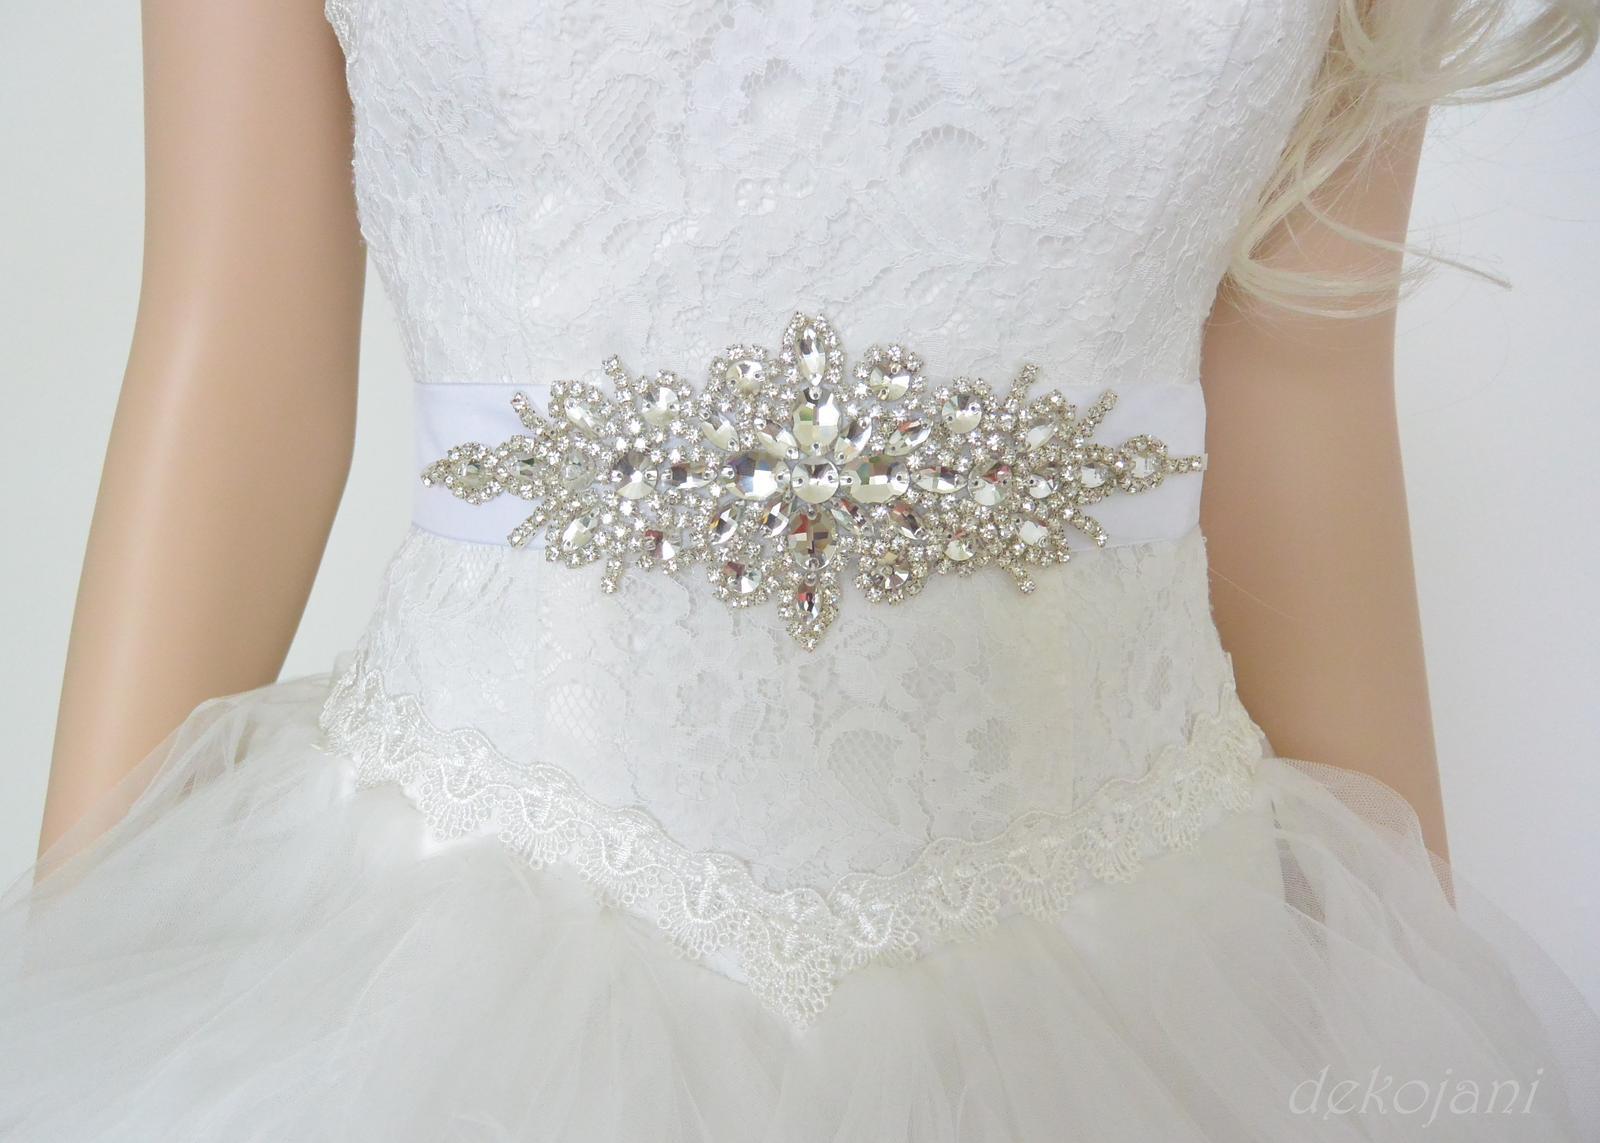 Svatební pásek na šaty - Obrázek č. 1